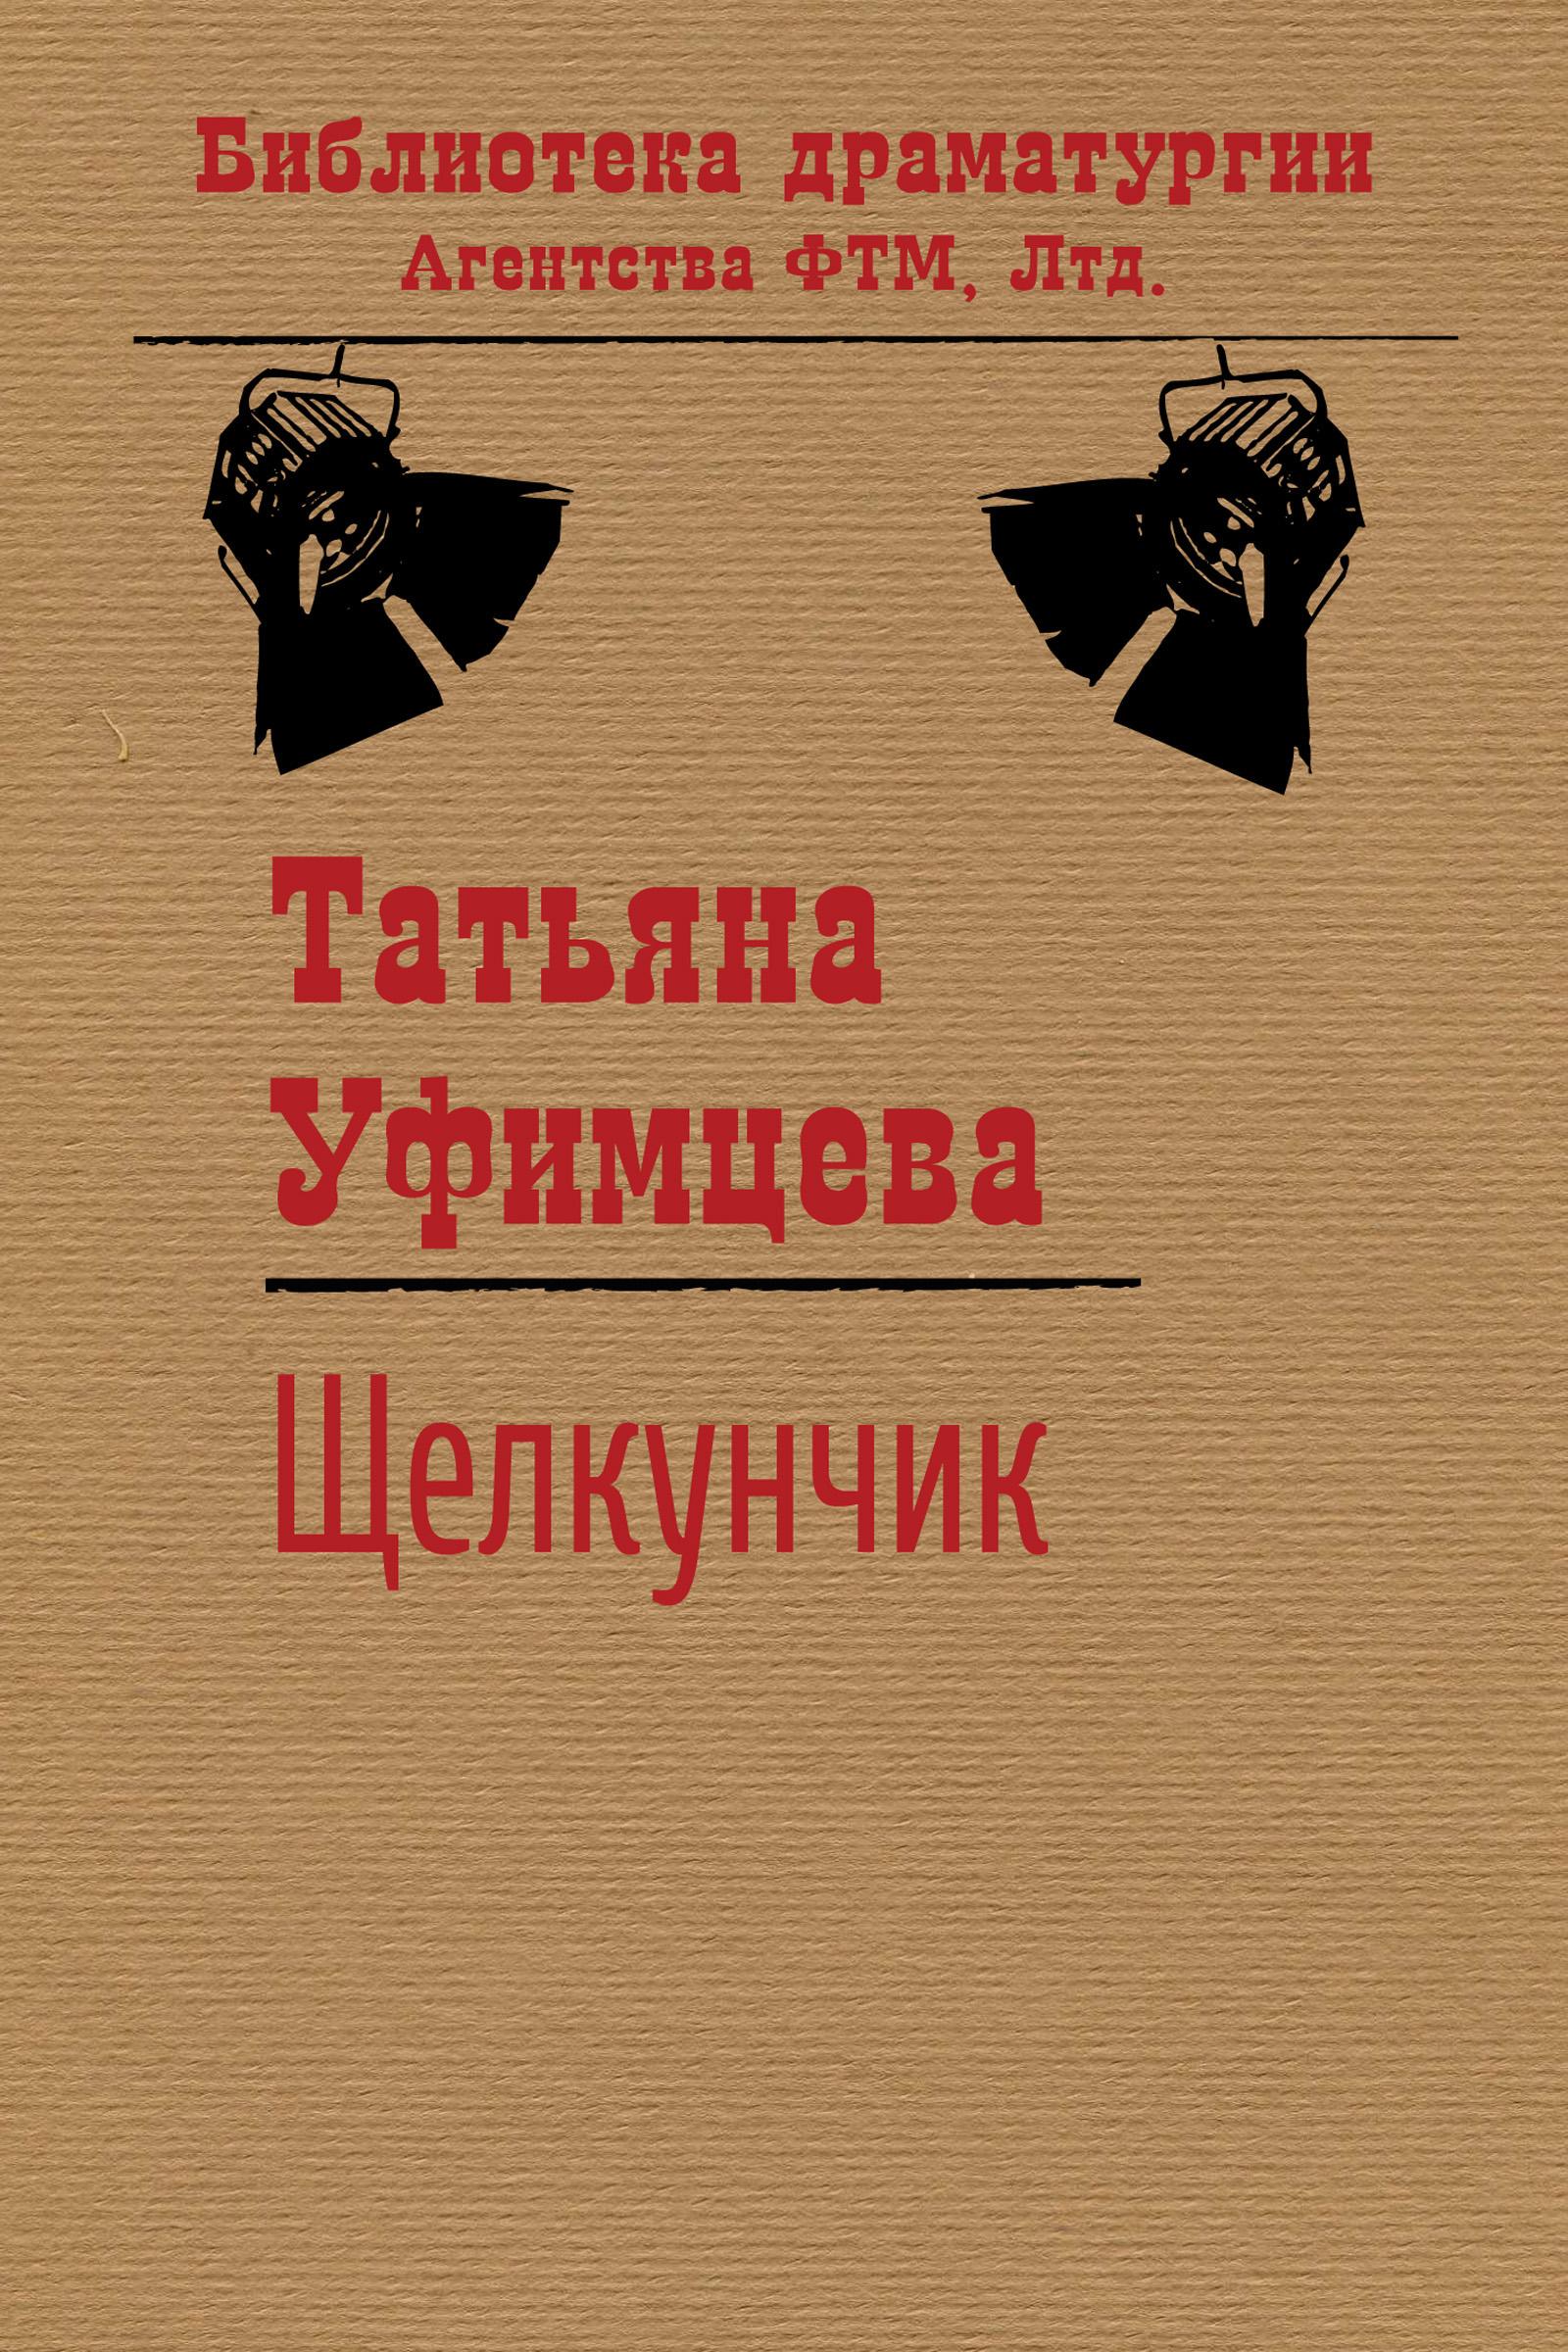 Щелкунчик ( Татьяна Уфимцева  )